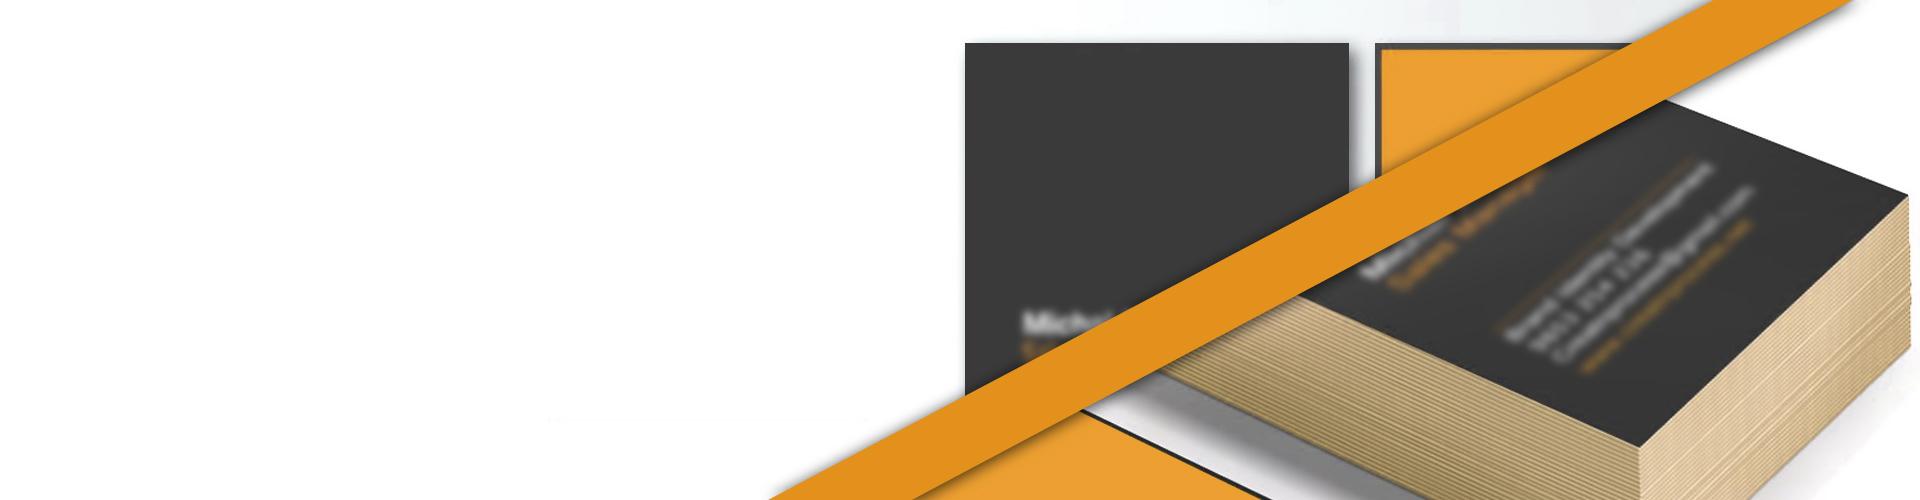 Print i grafički dizajn design